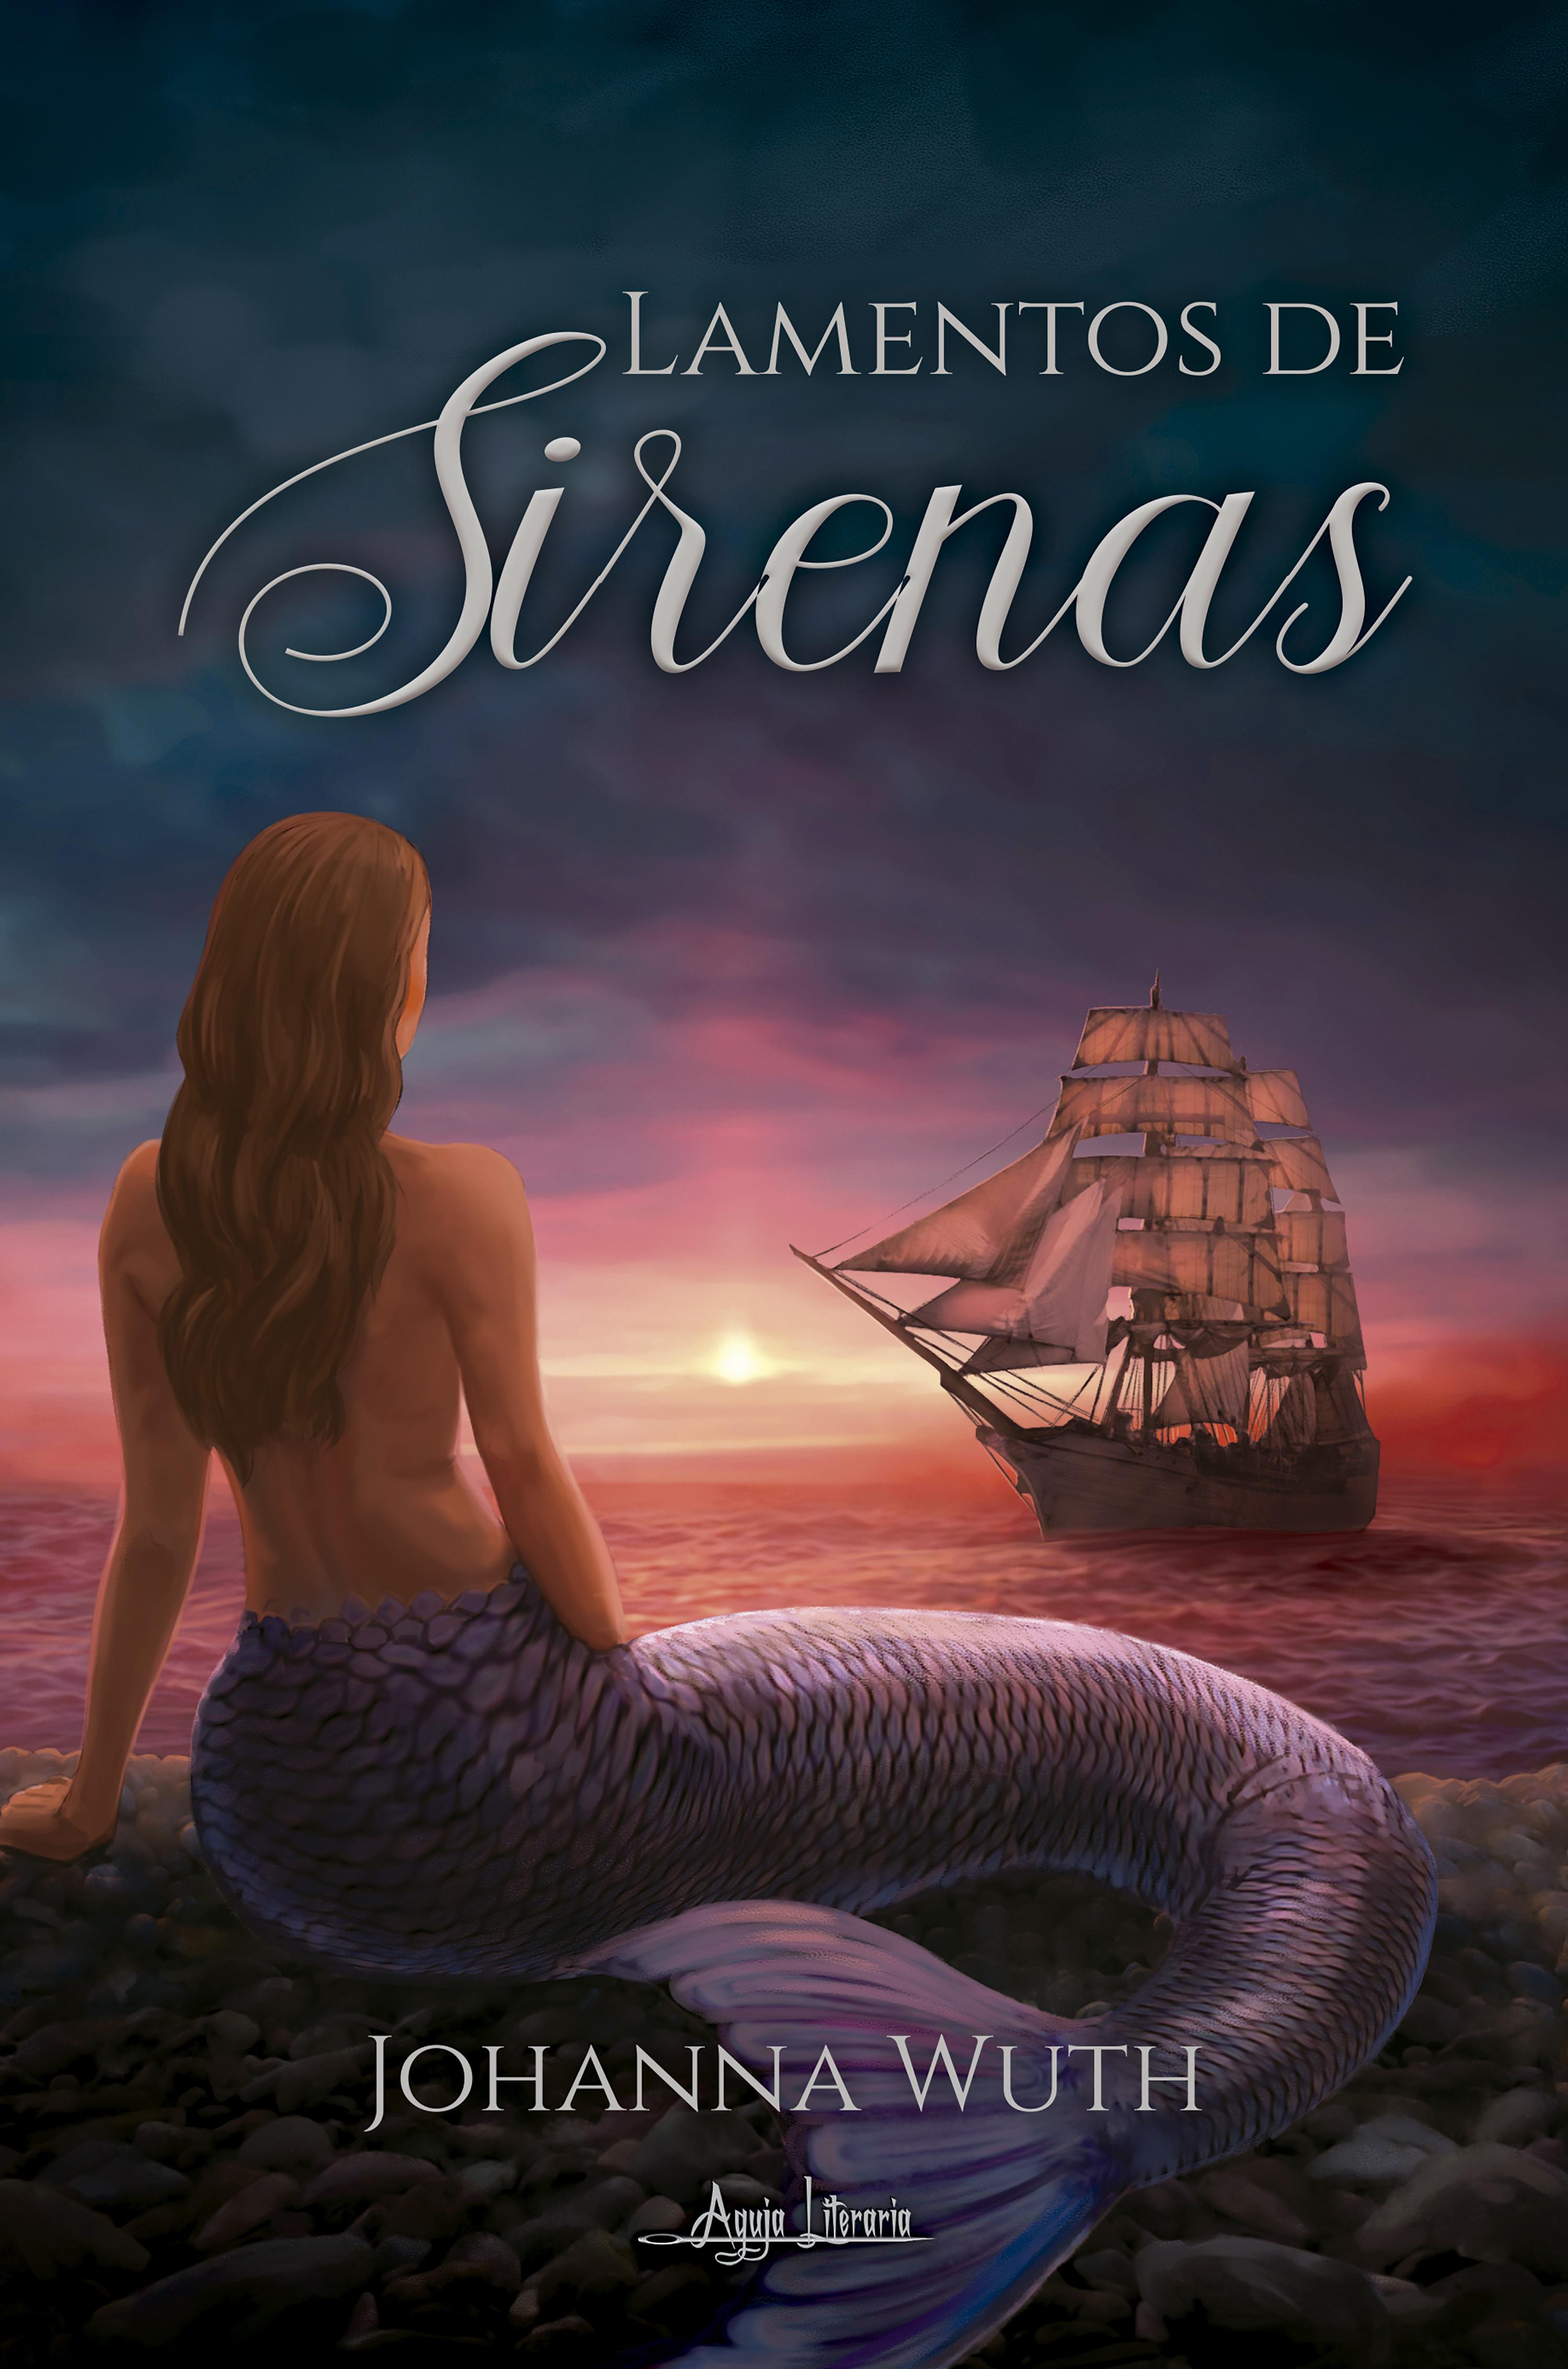 Johanna Wuth Lamentos de Sirenas